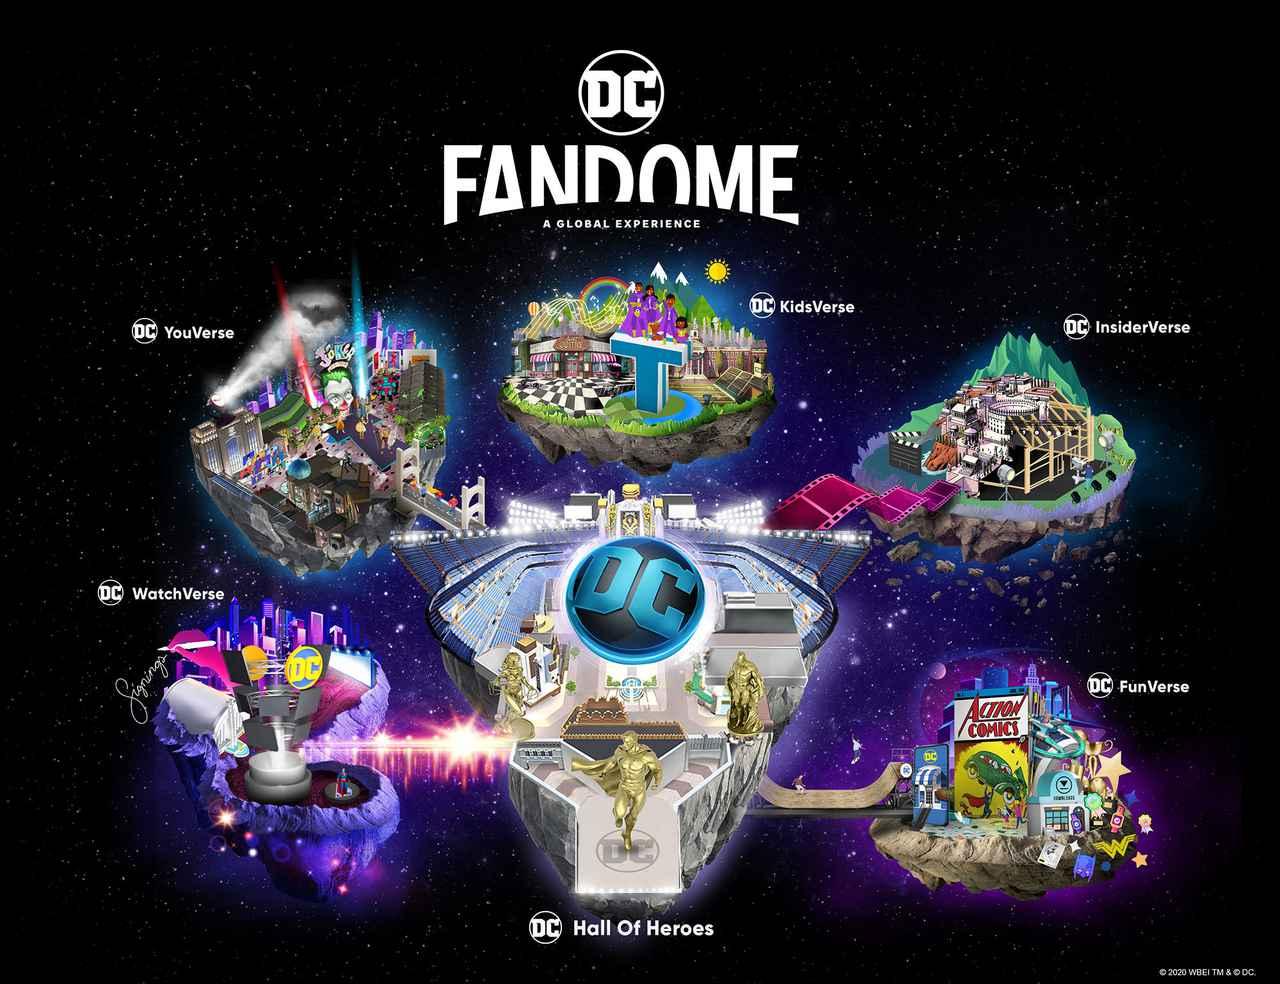 画像: DCファンドーム DCコミックス ワーナー・ブラザース